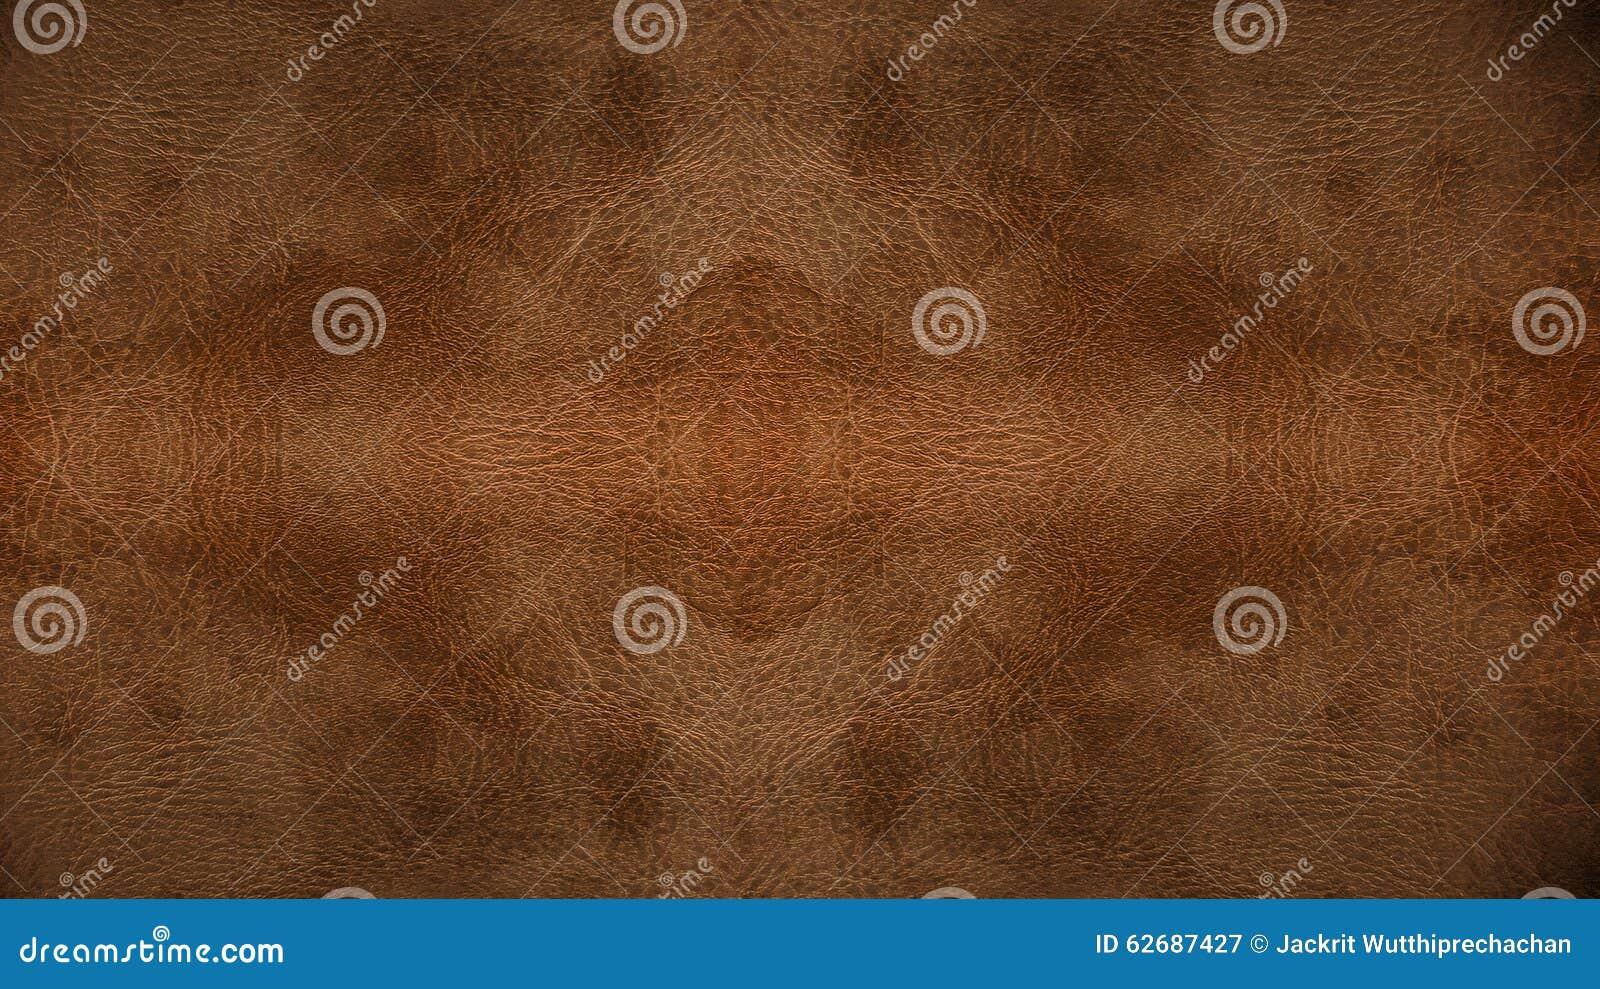 Texture sans couture en cuir brun clair utilisée de fond de modèle pour le matériel de meubles